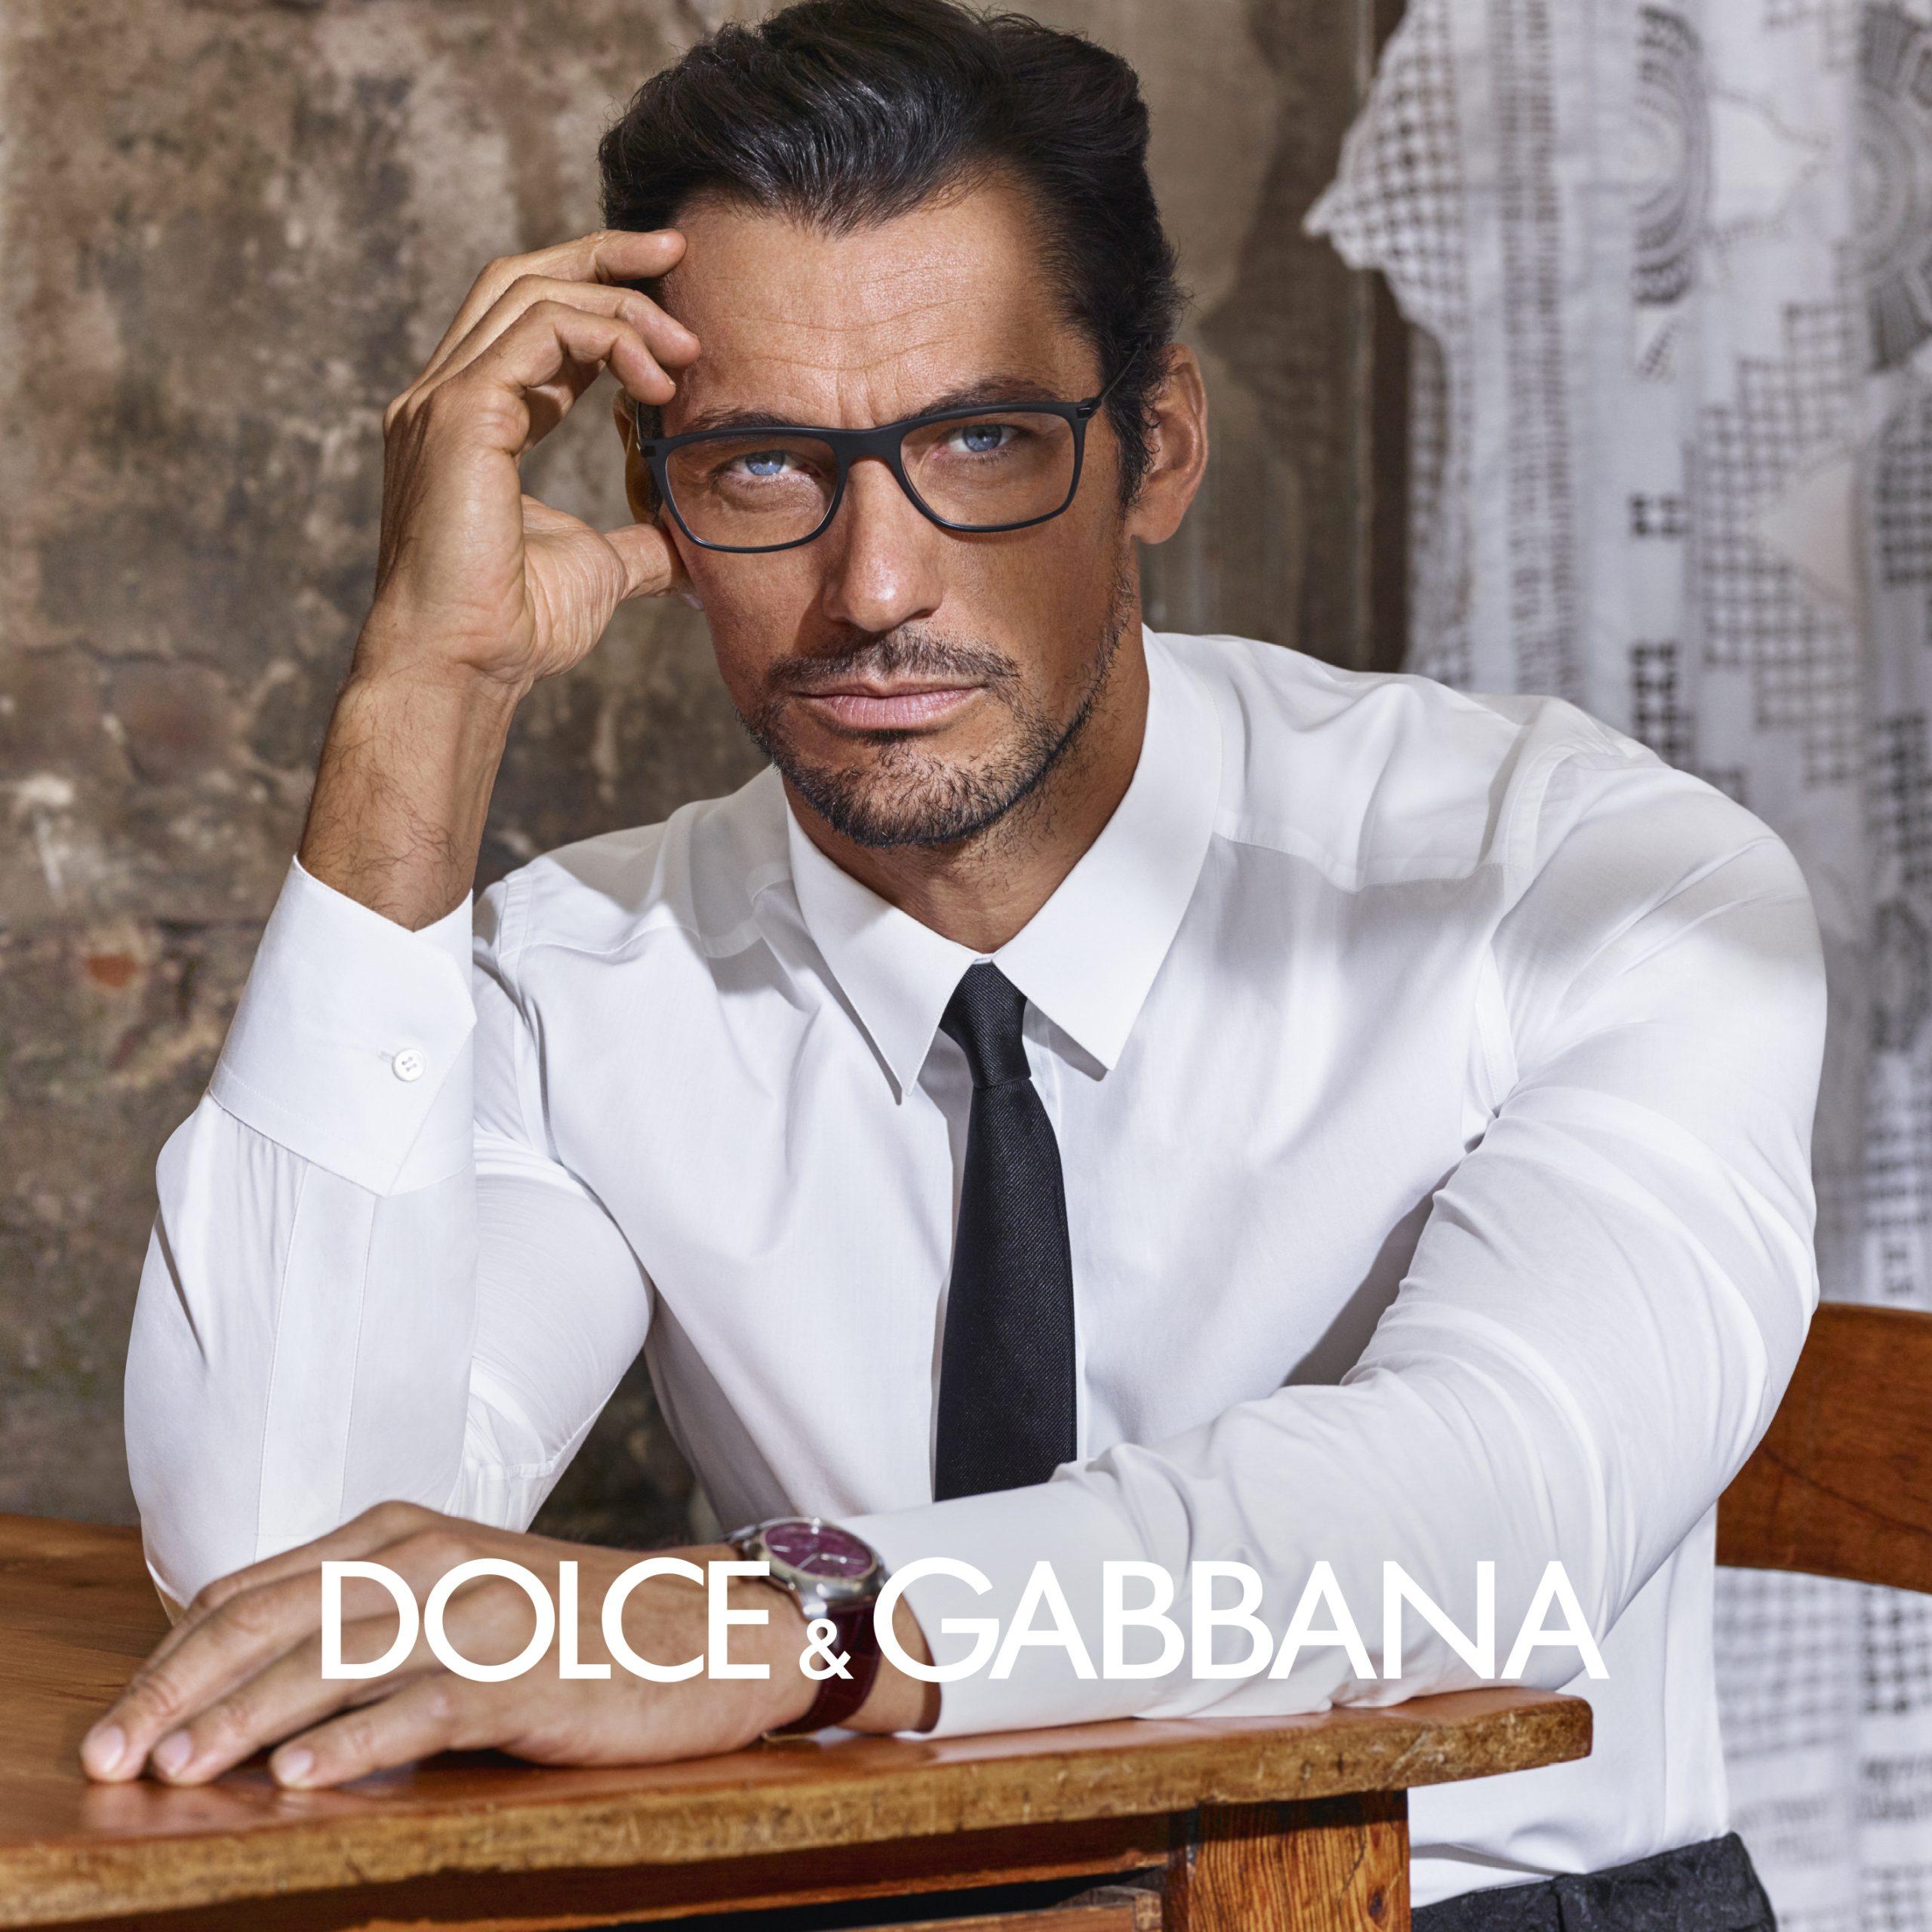 Dolce & Gabbana 6 - Ótica Pitosga